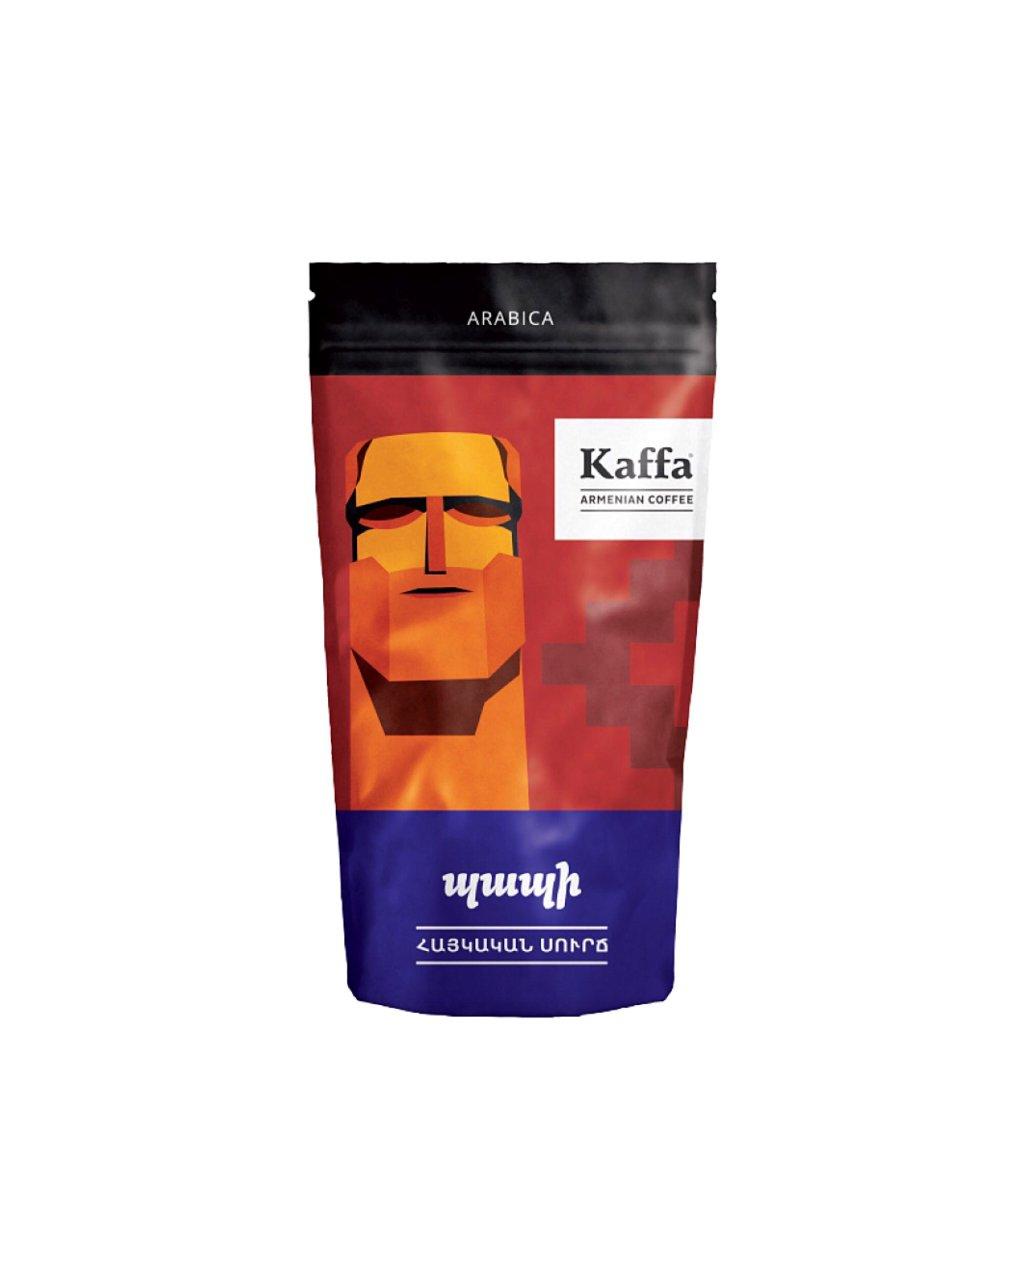 قهوه ارمنی کافا نوع عربیکا ۱۰۰ گرم